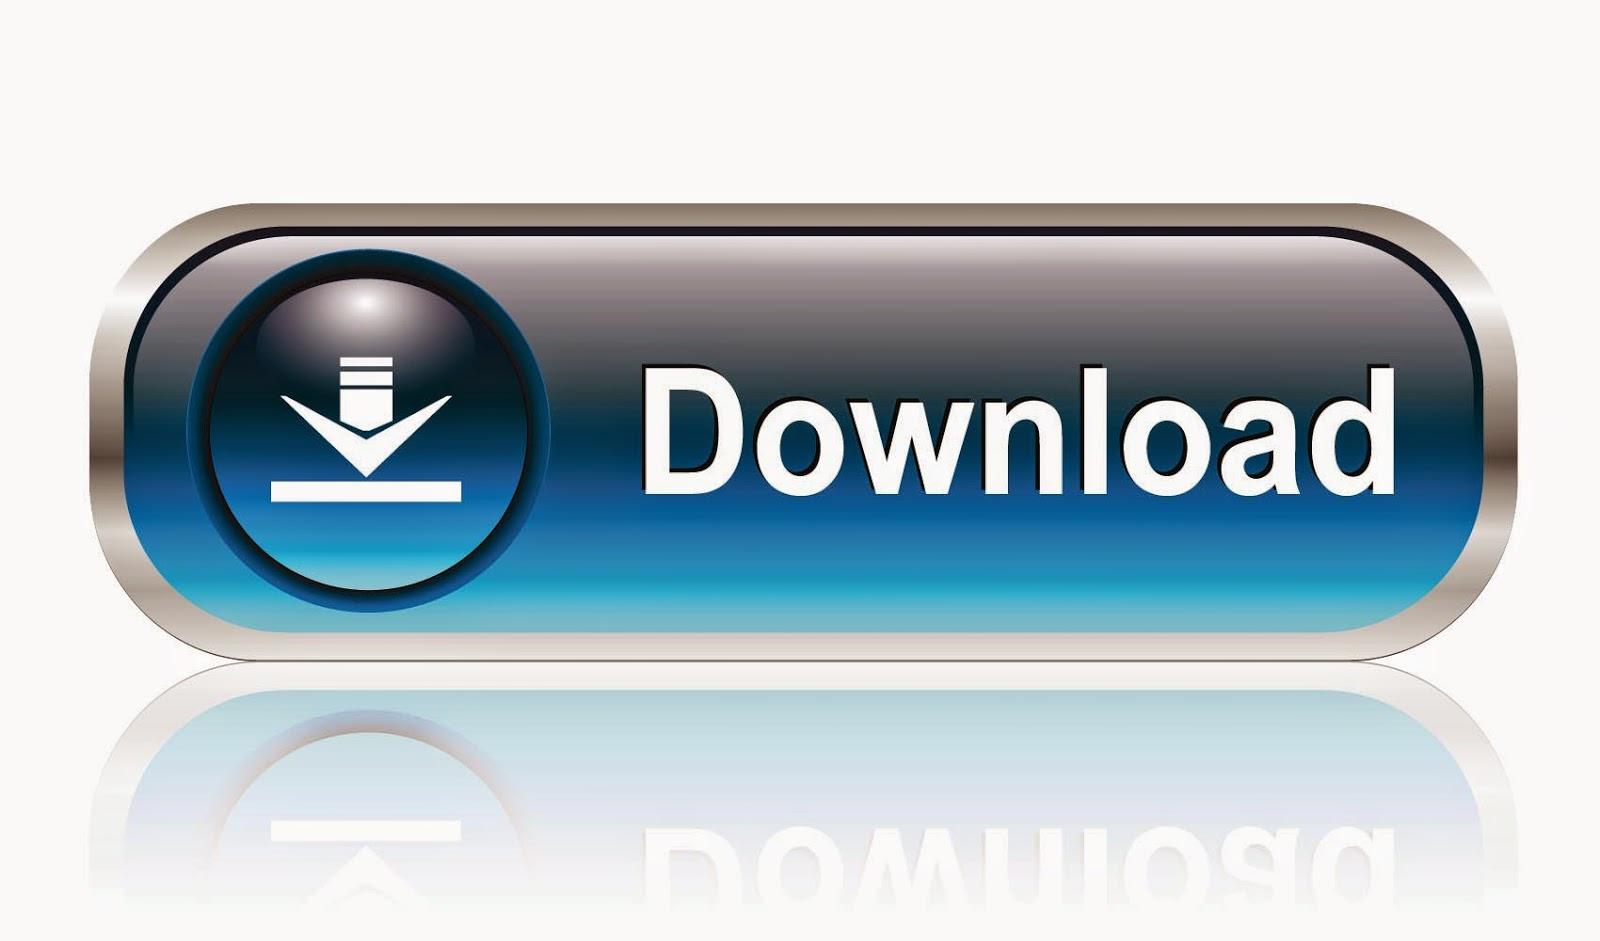 """<img src=""""http://2.bp.blogspot.com/-YO8C_pzXRIM/U2fIsaeNlvI/AAAAAAAACjw/rOvcB35OPjE/s1600/Final-Email-Clear-Email.jpg"""" alt=""""Magic Email Apk Free Download"""" />"""